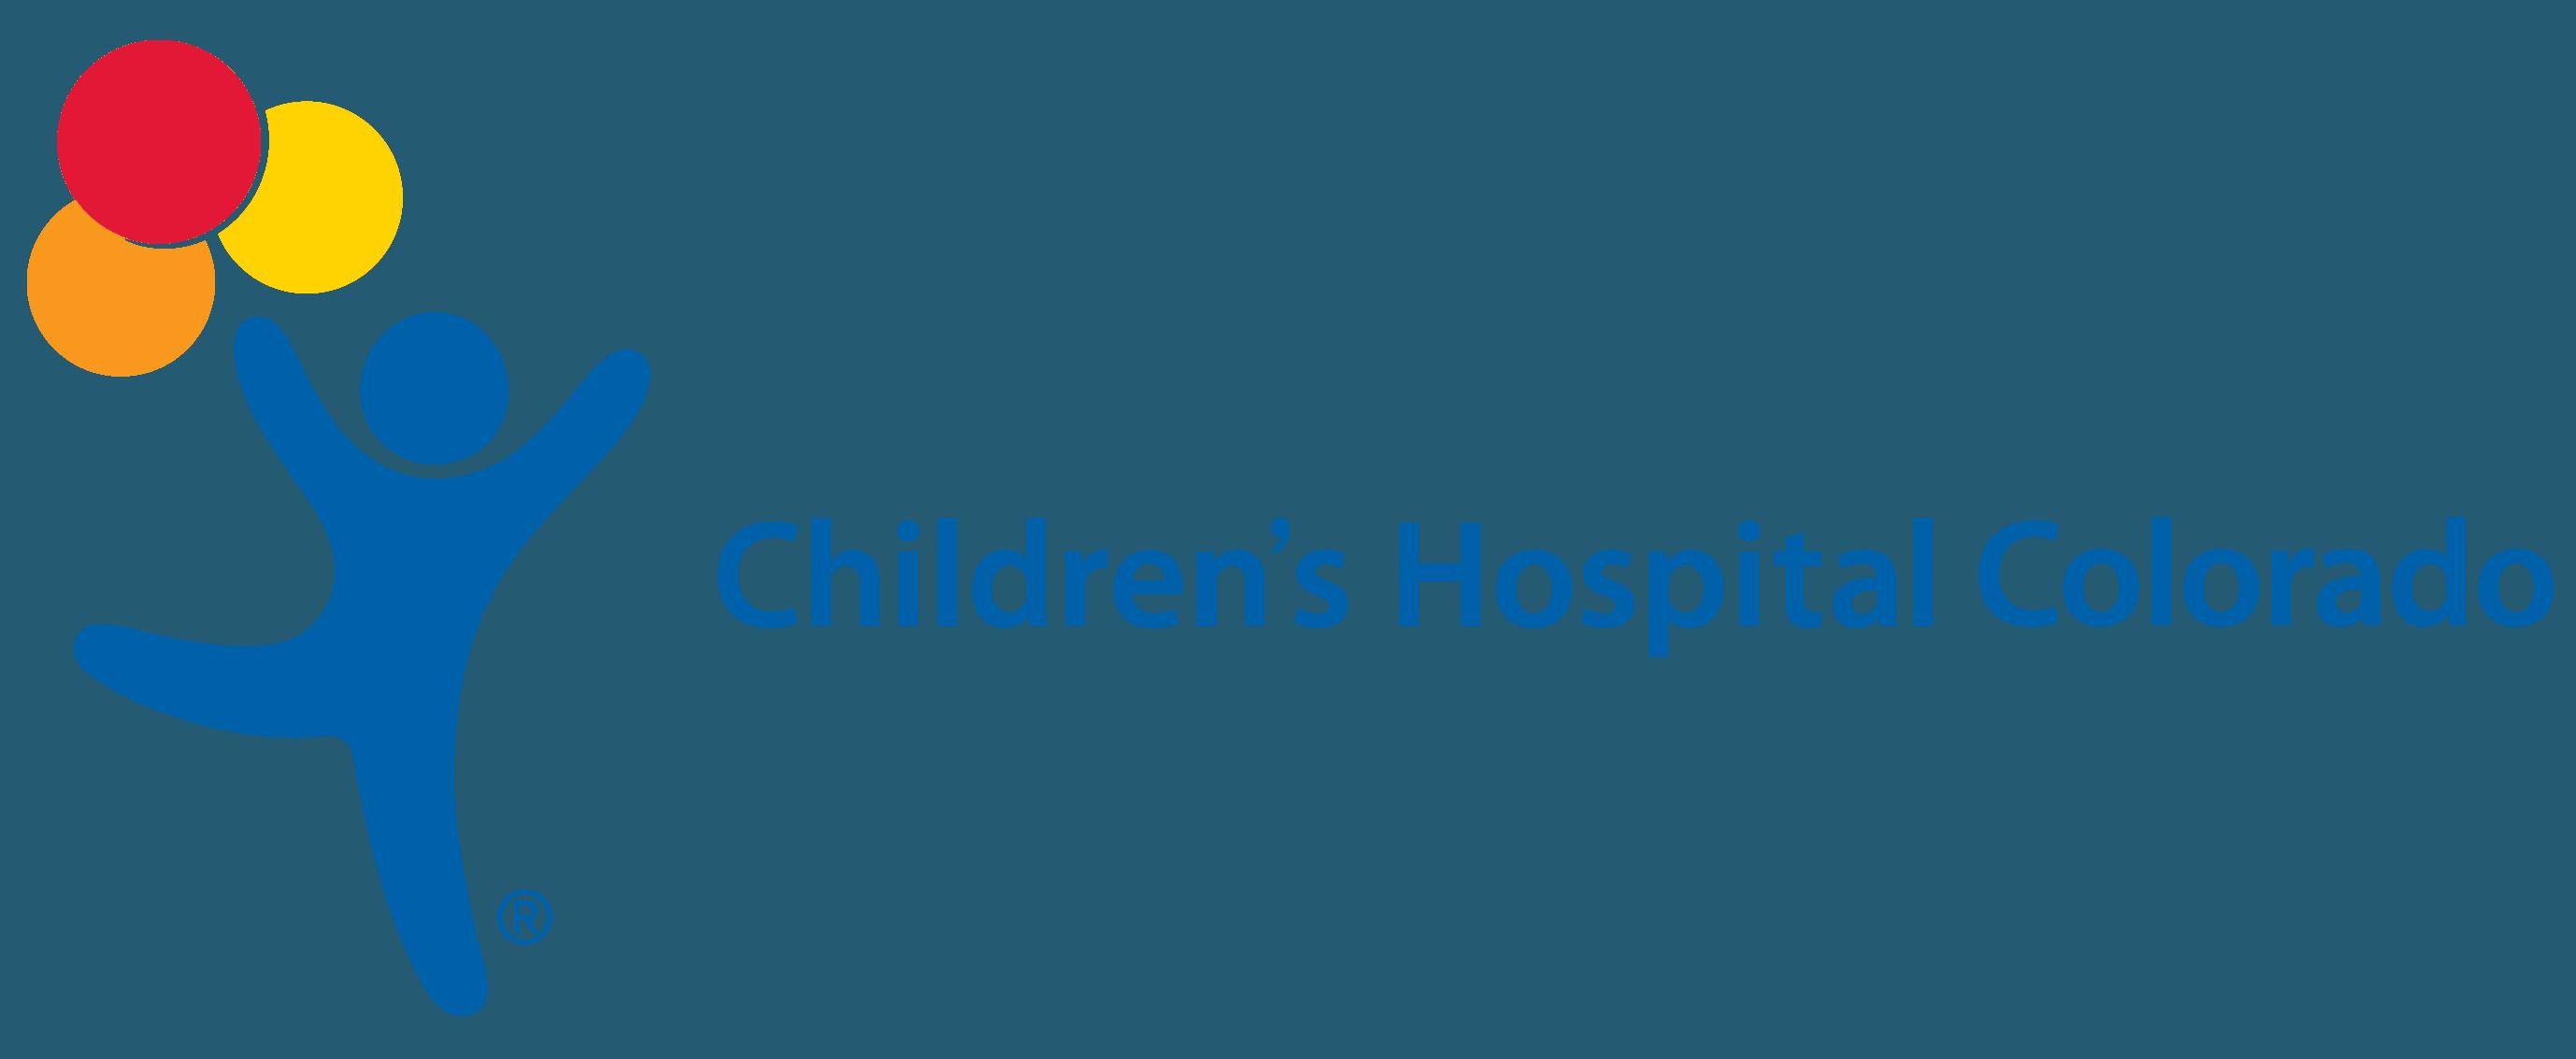 logo-childrensHospitalOfColorado